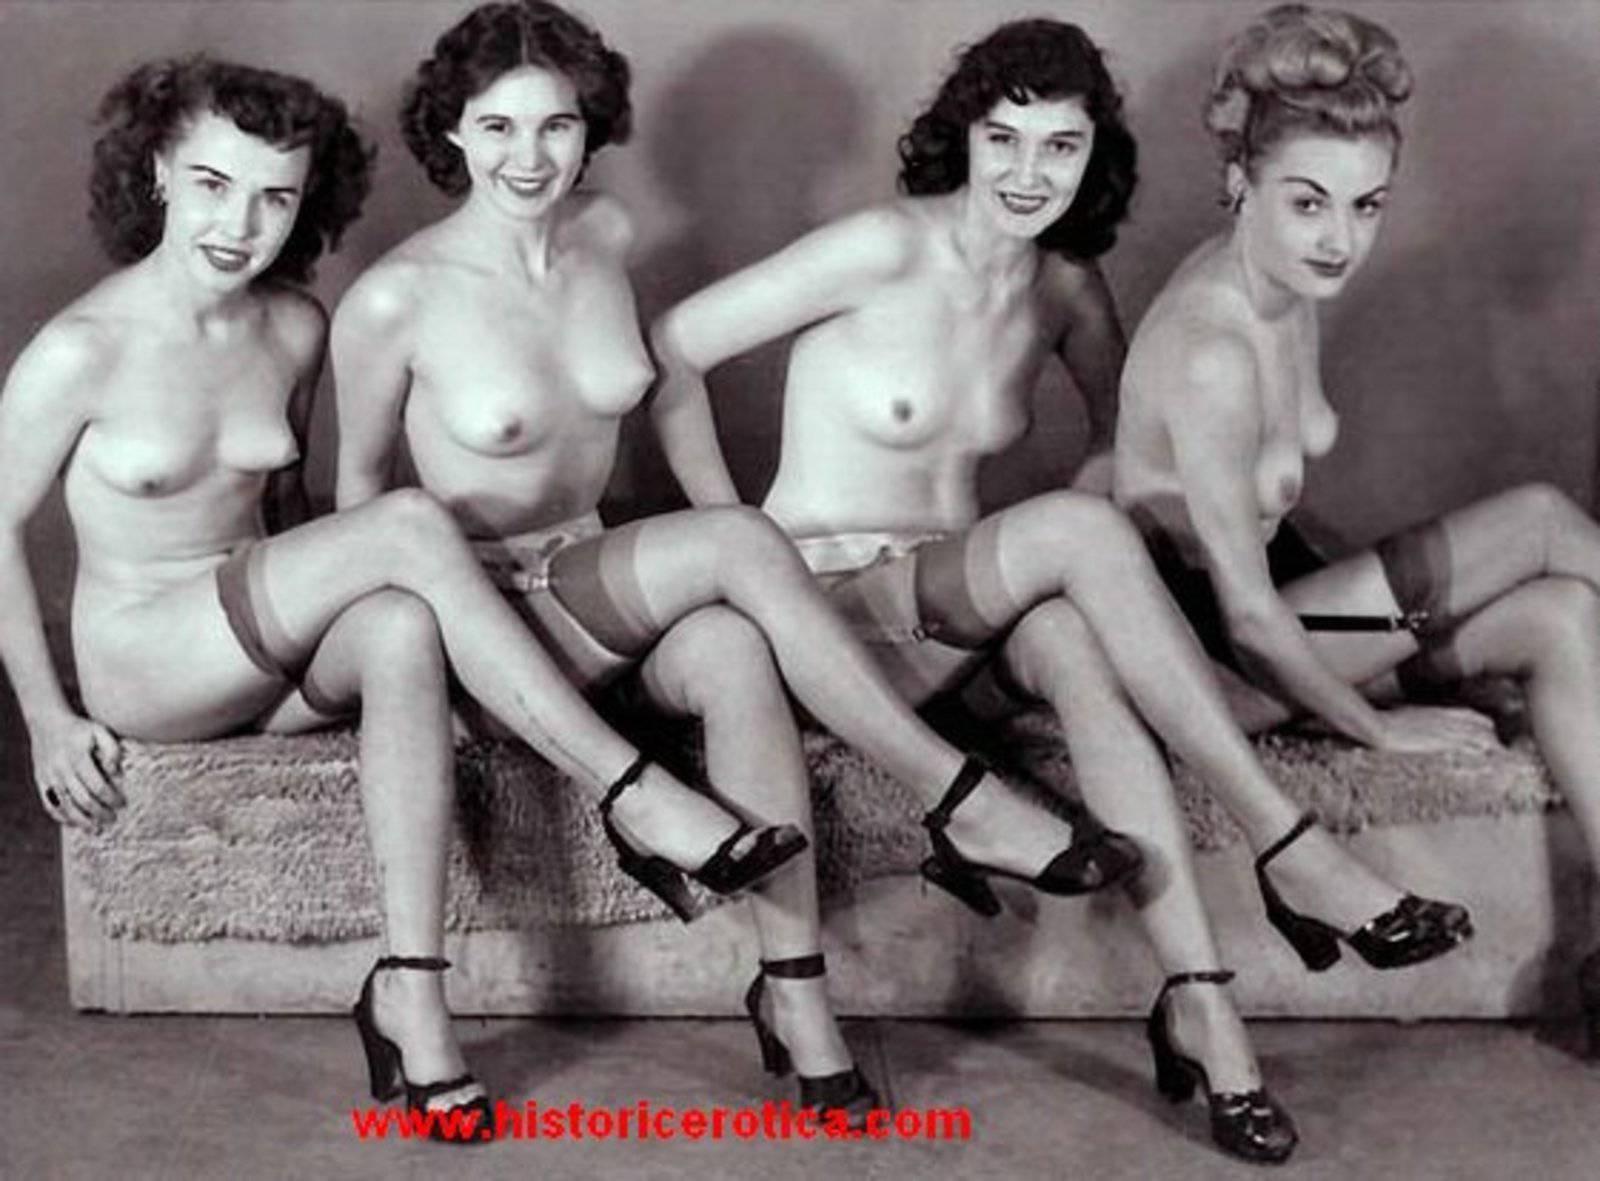 Ретро фото обнаженных девушек, Голые девушки и женщины 70-80х годовретро фото 21 фотография